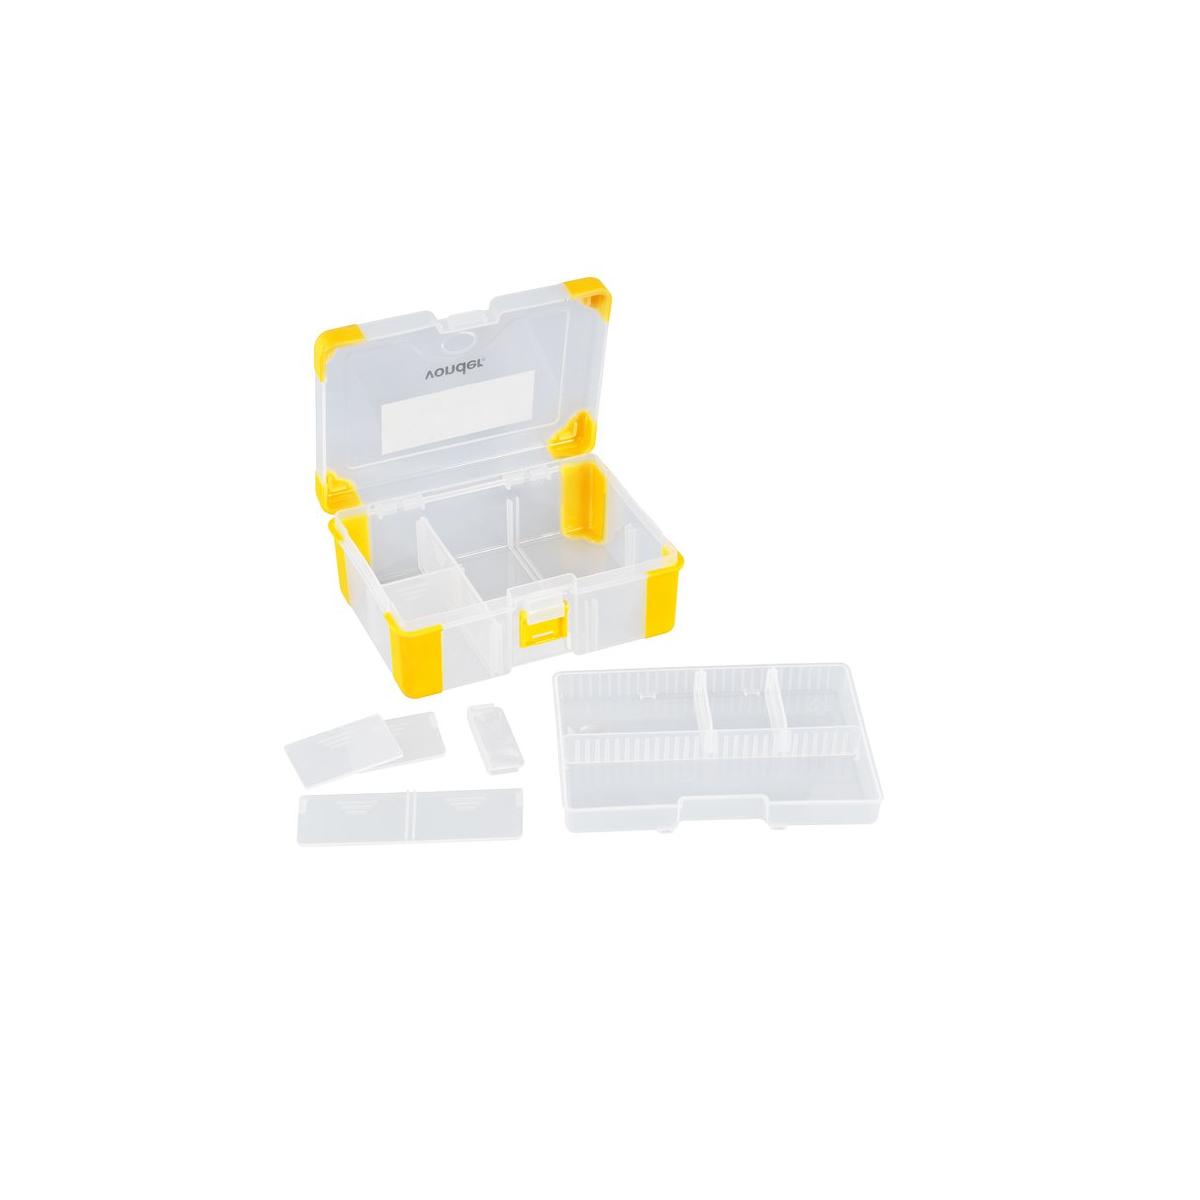 Organizador plástico OPV 080 VONDER